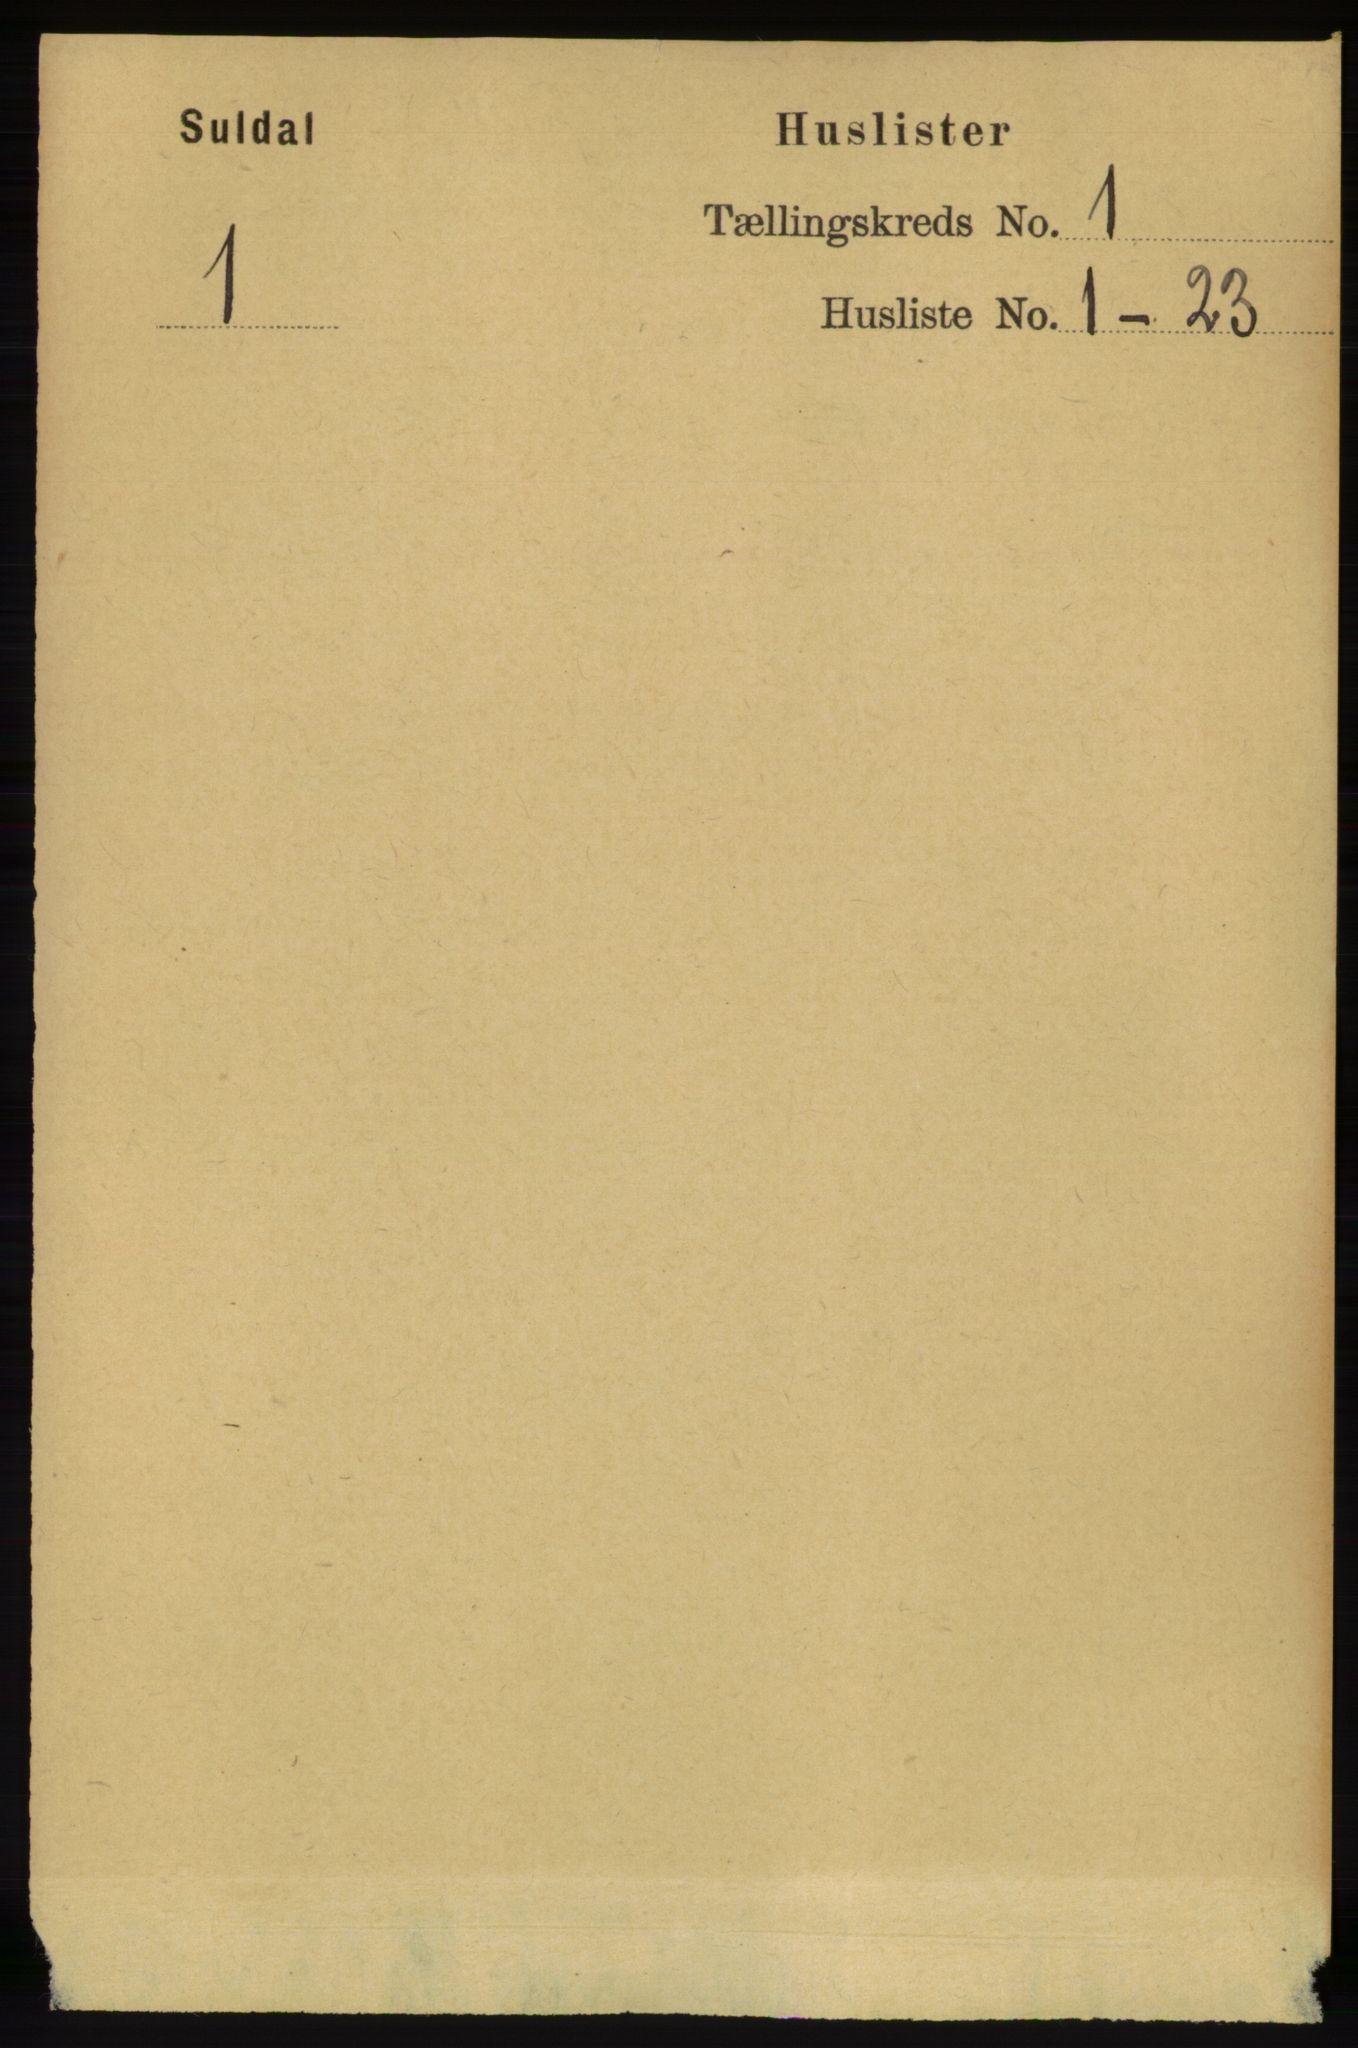 RA, Folketelling 1891 for 1134 Suldal herred, 1891, s. 24